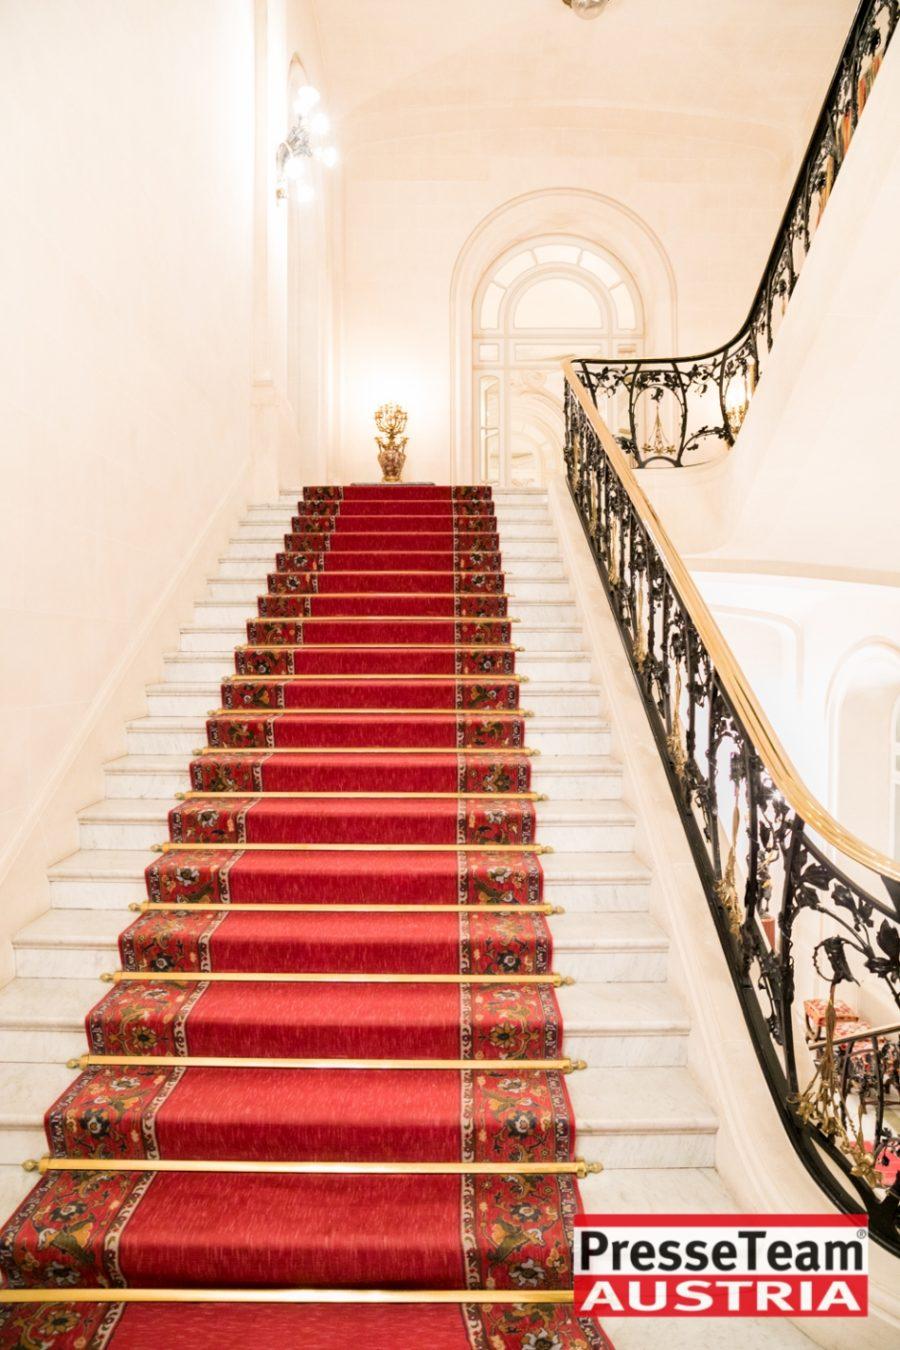 eannine Schiller französische Botschaft Wien 82 - Jeannine Schiller Veranstaltung in der französischen Botschaft